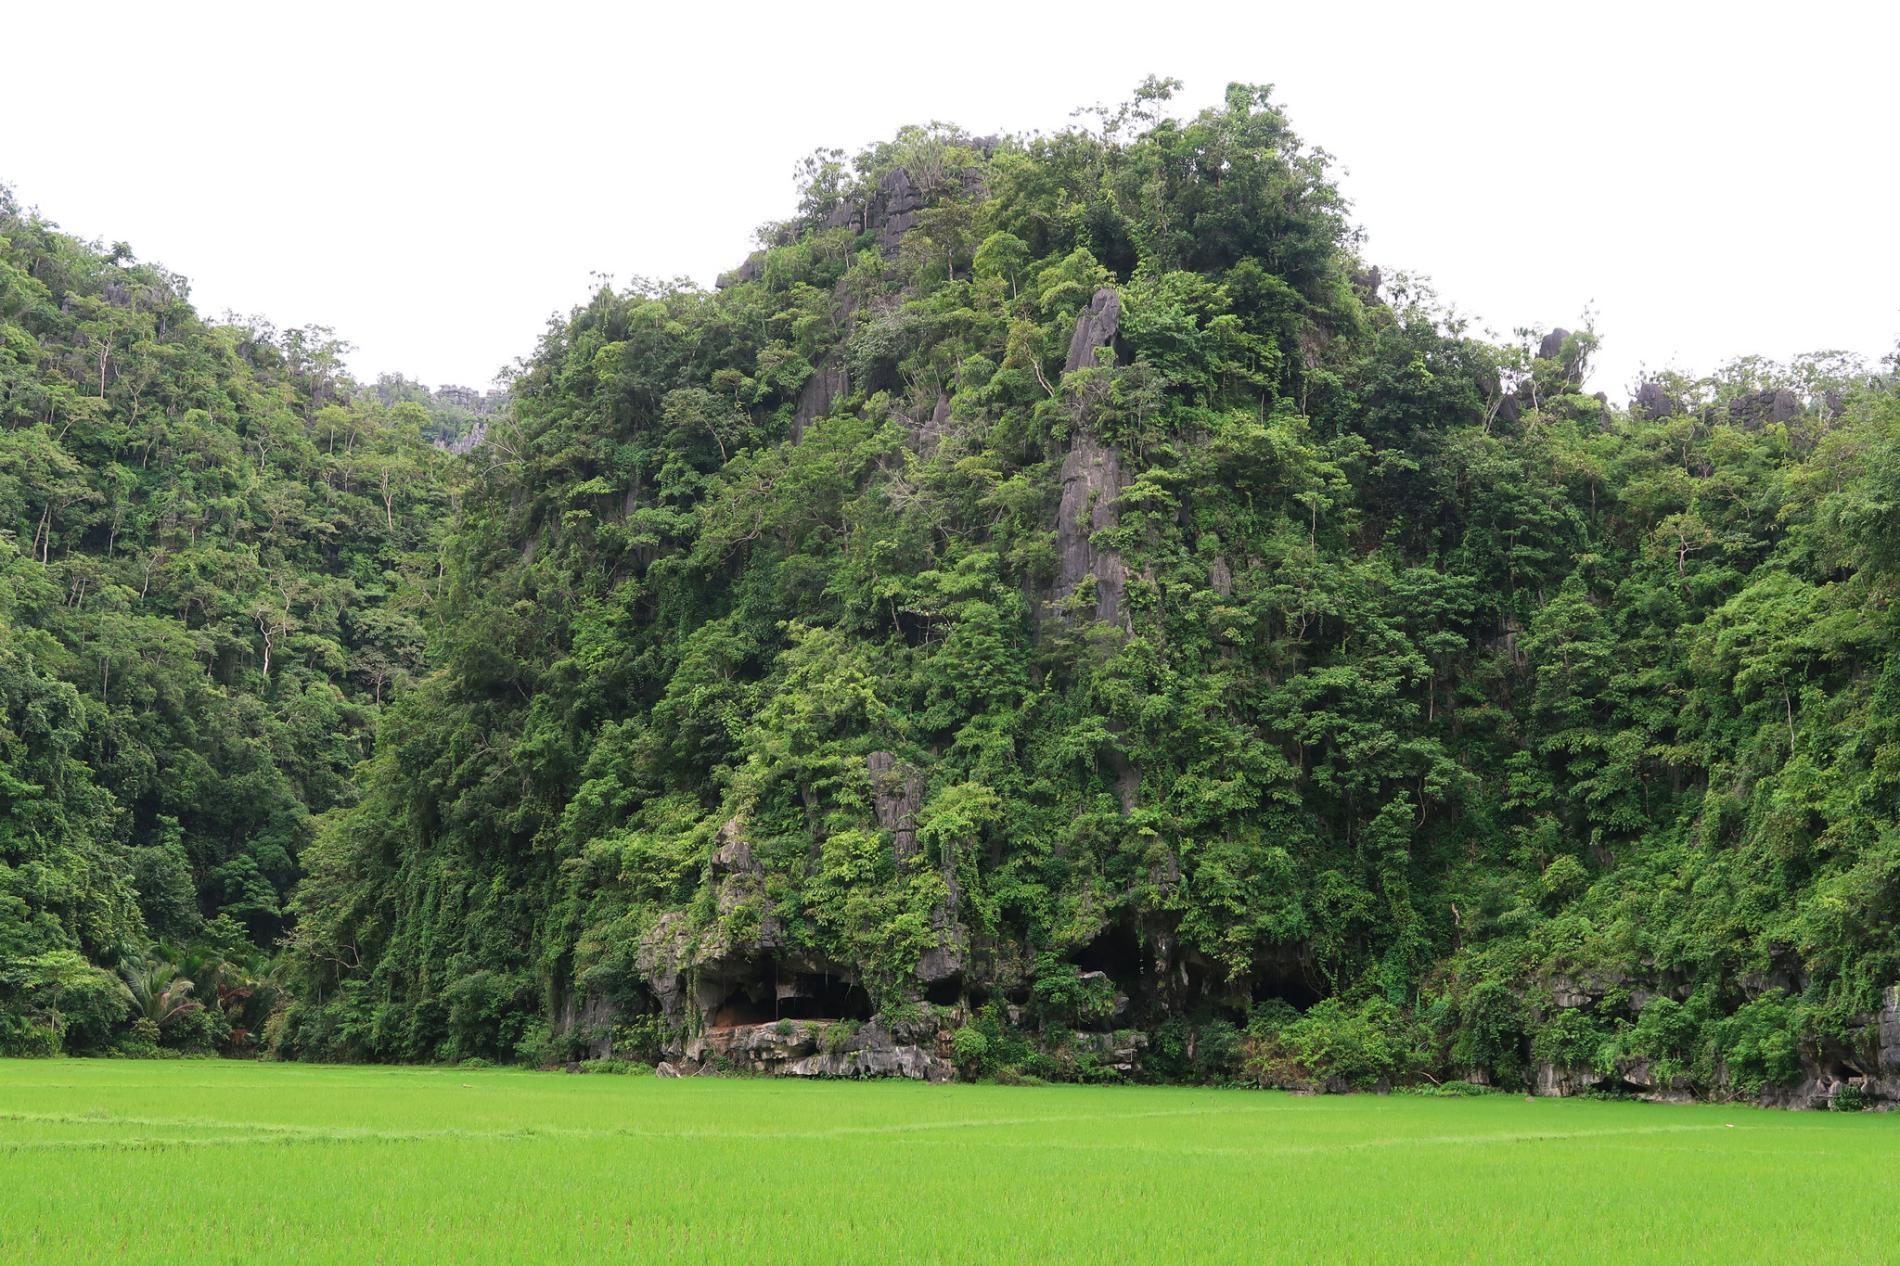 這幅最古老的疣豬壁畫所在的洞穴Leang Tedongnge位於由高聳岩石峭壁所環繞的繁茂谷地邊緣。AA OKTAVIANA